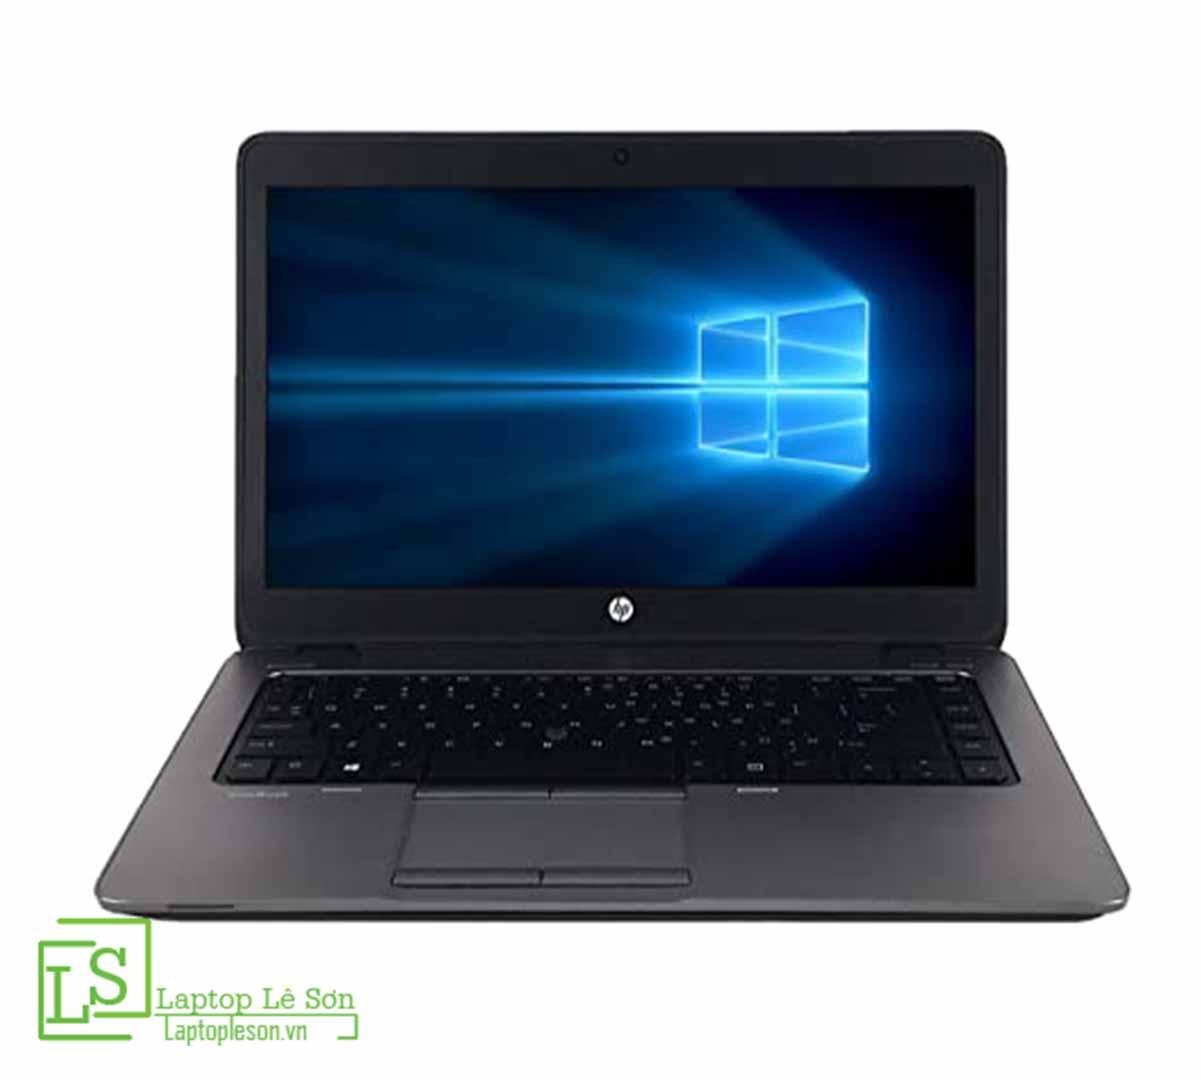 Laptop Lê Sơn HP Probook 640 G2 04